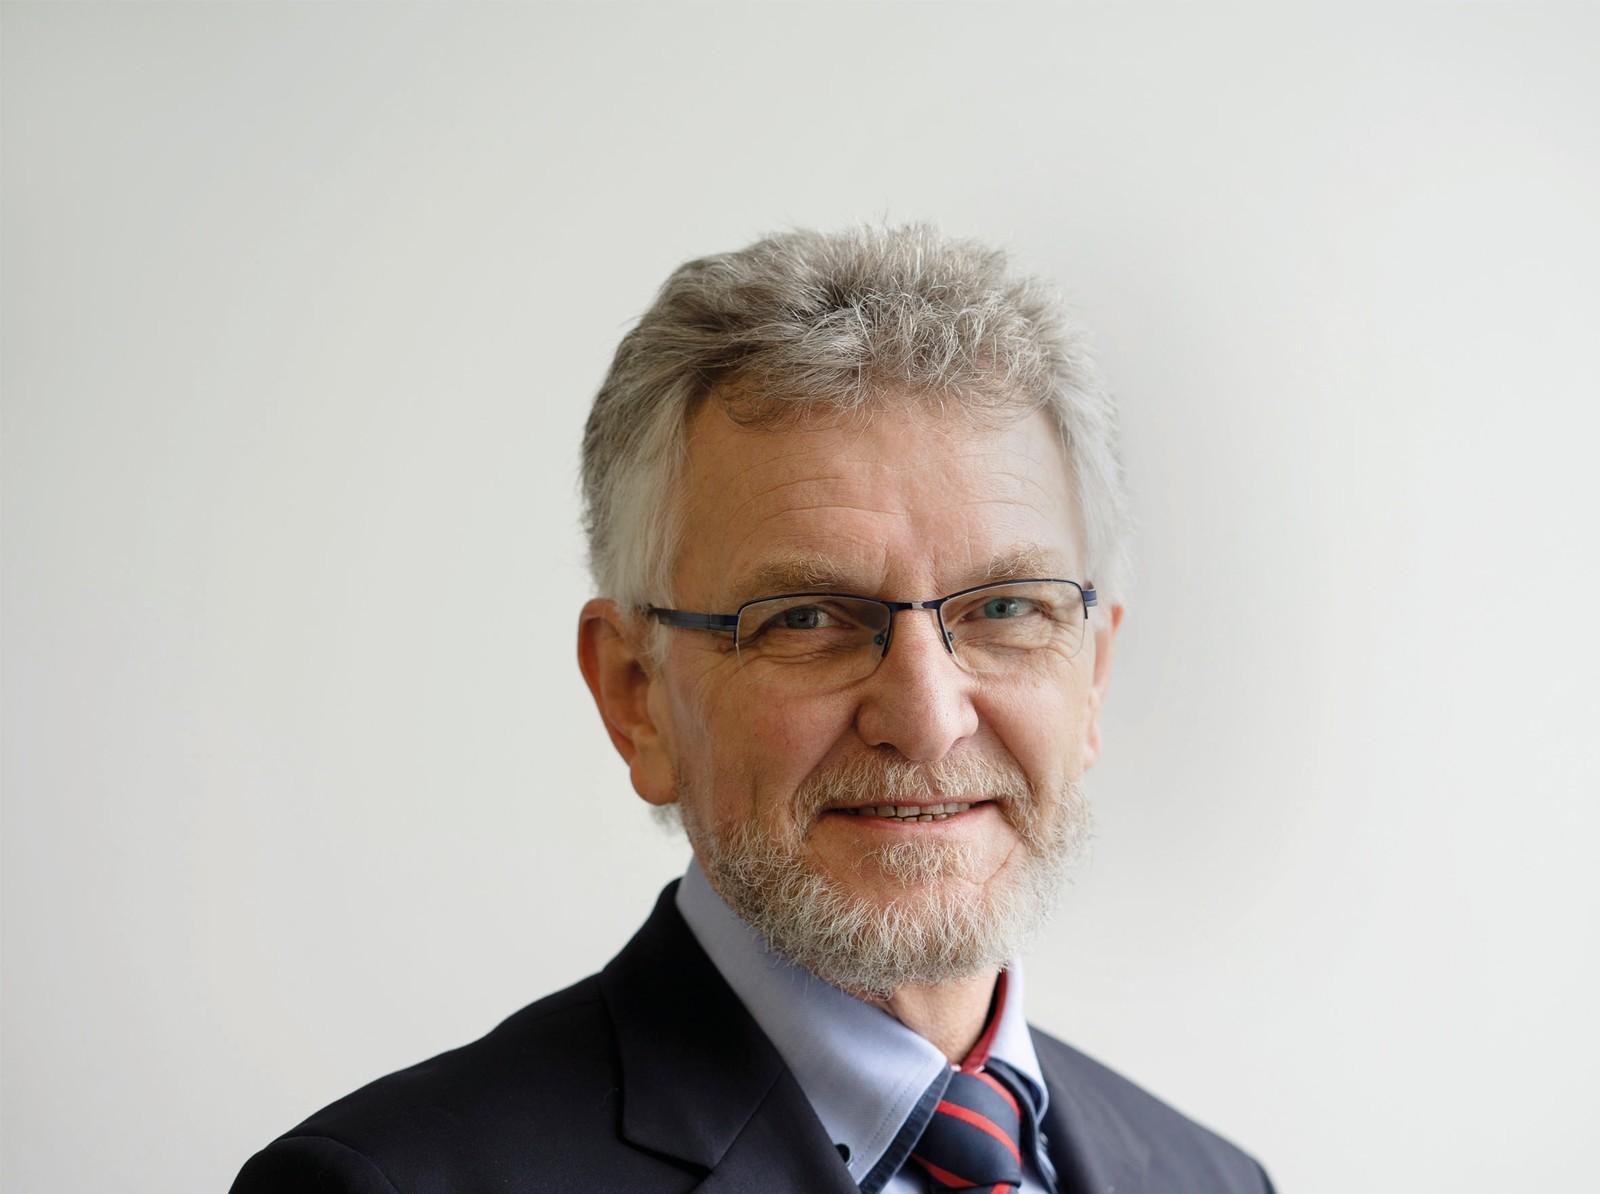 Branchenkenner Joachim Göddertz übernimmt vorübergehend die Geschäftsführung der Werner Turck GmbH & Co. KG